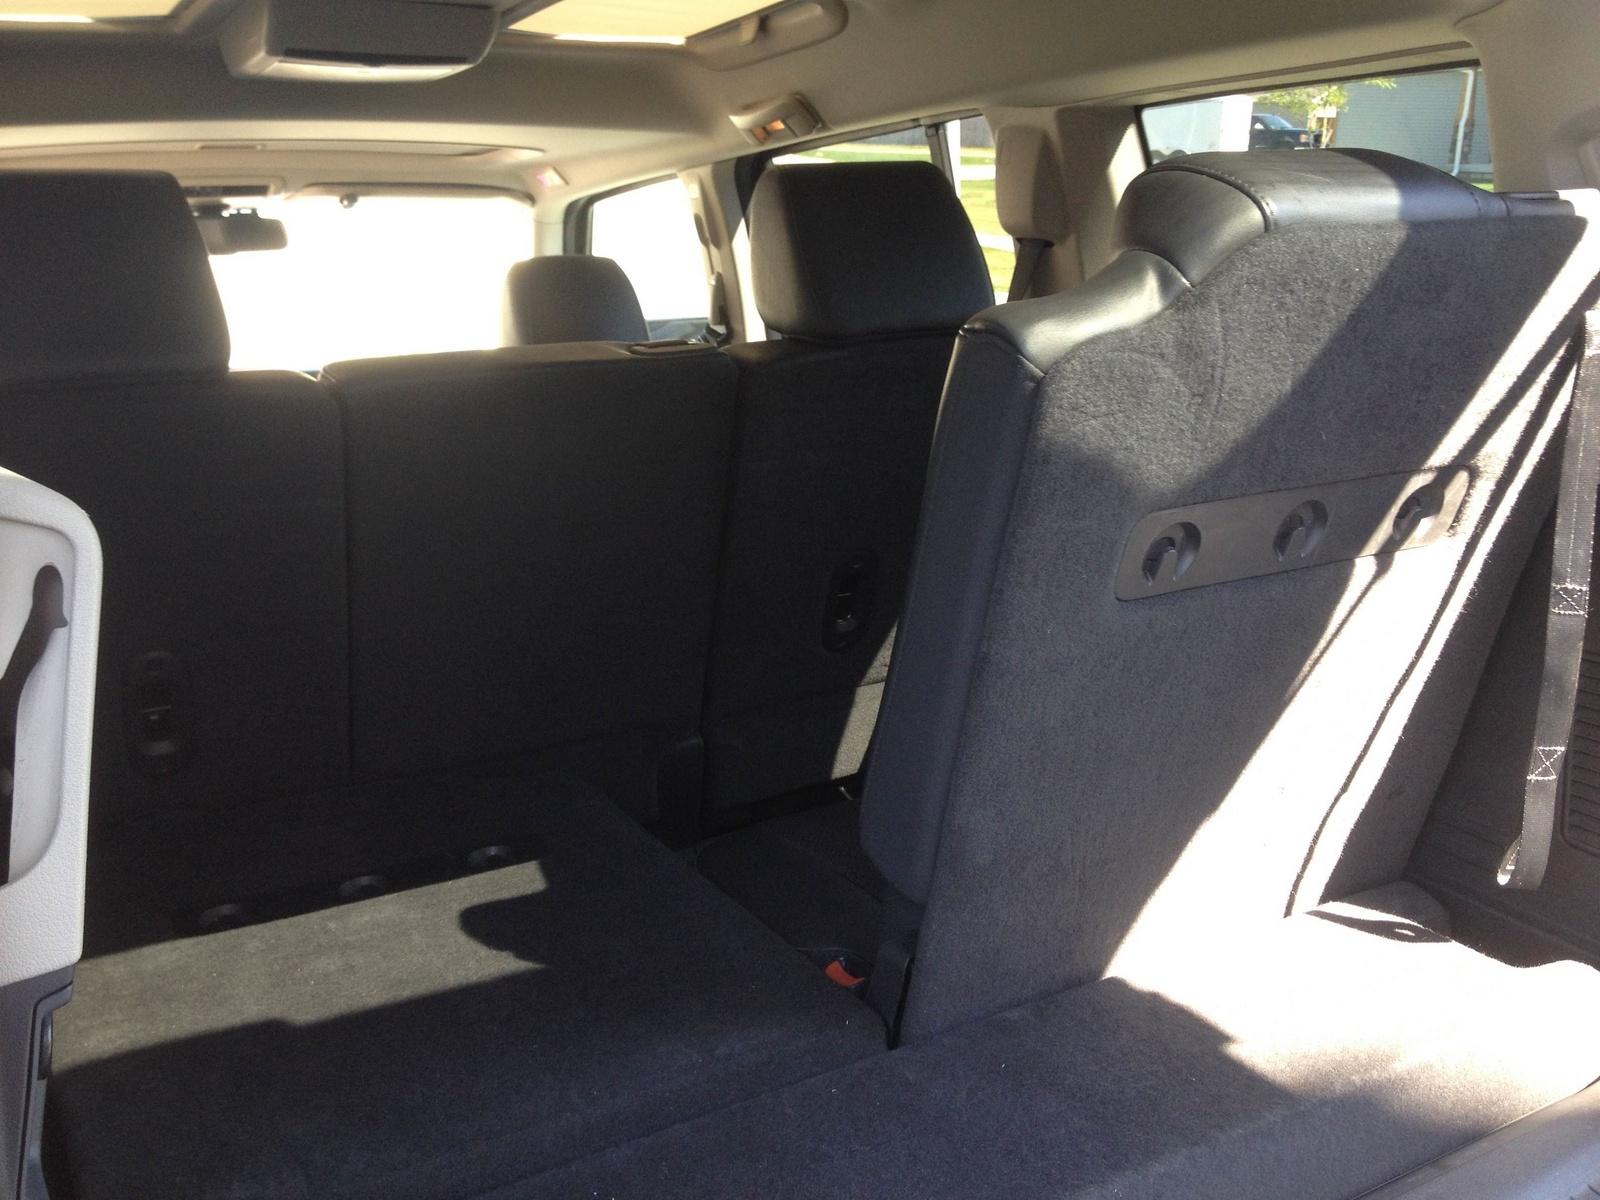 2010 Jeep Commander Interior Pictures Cargurus